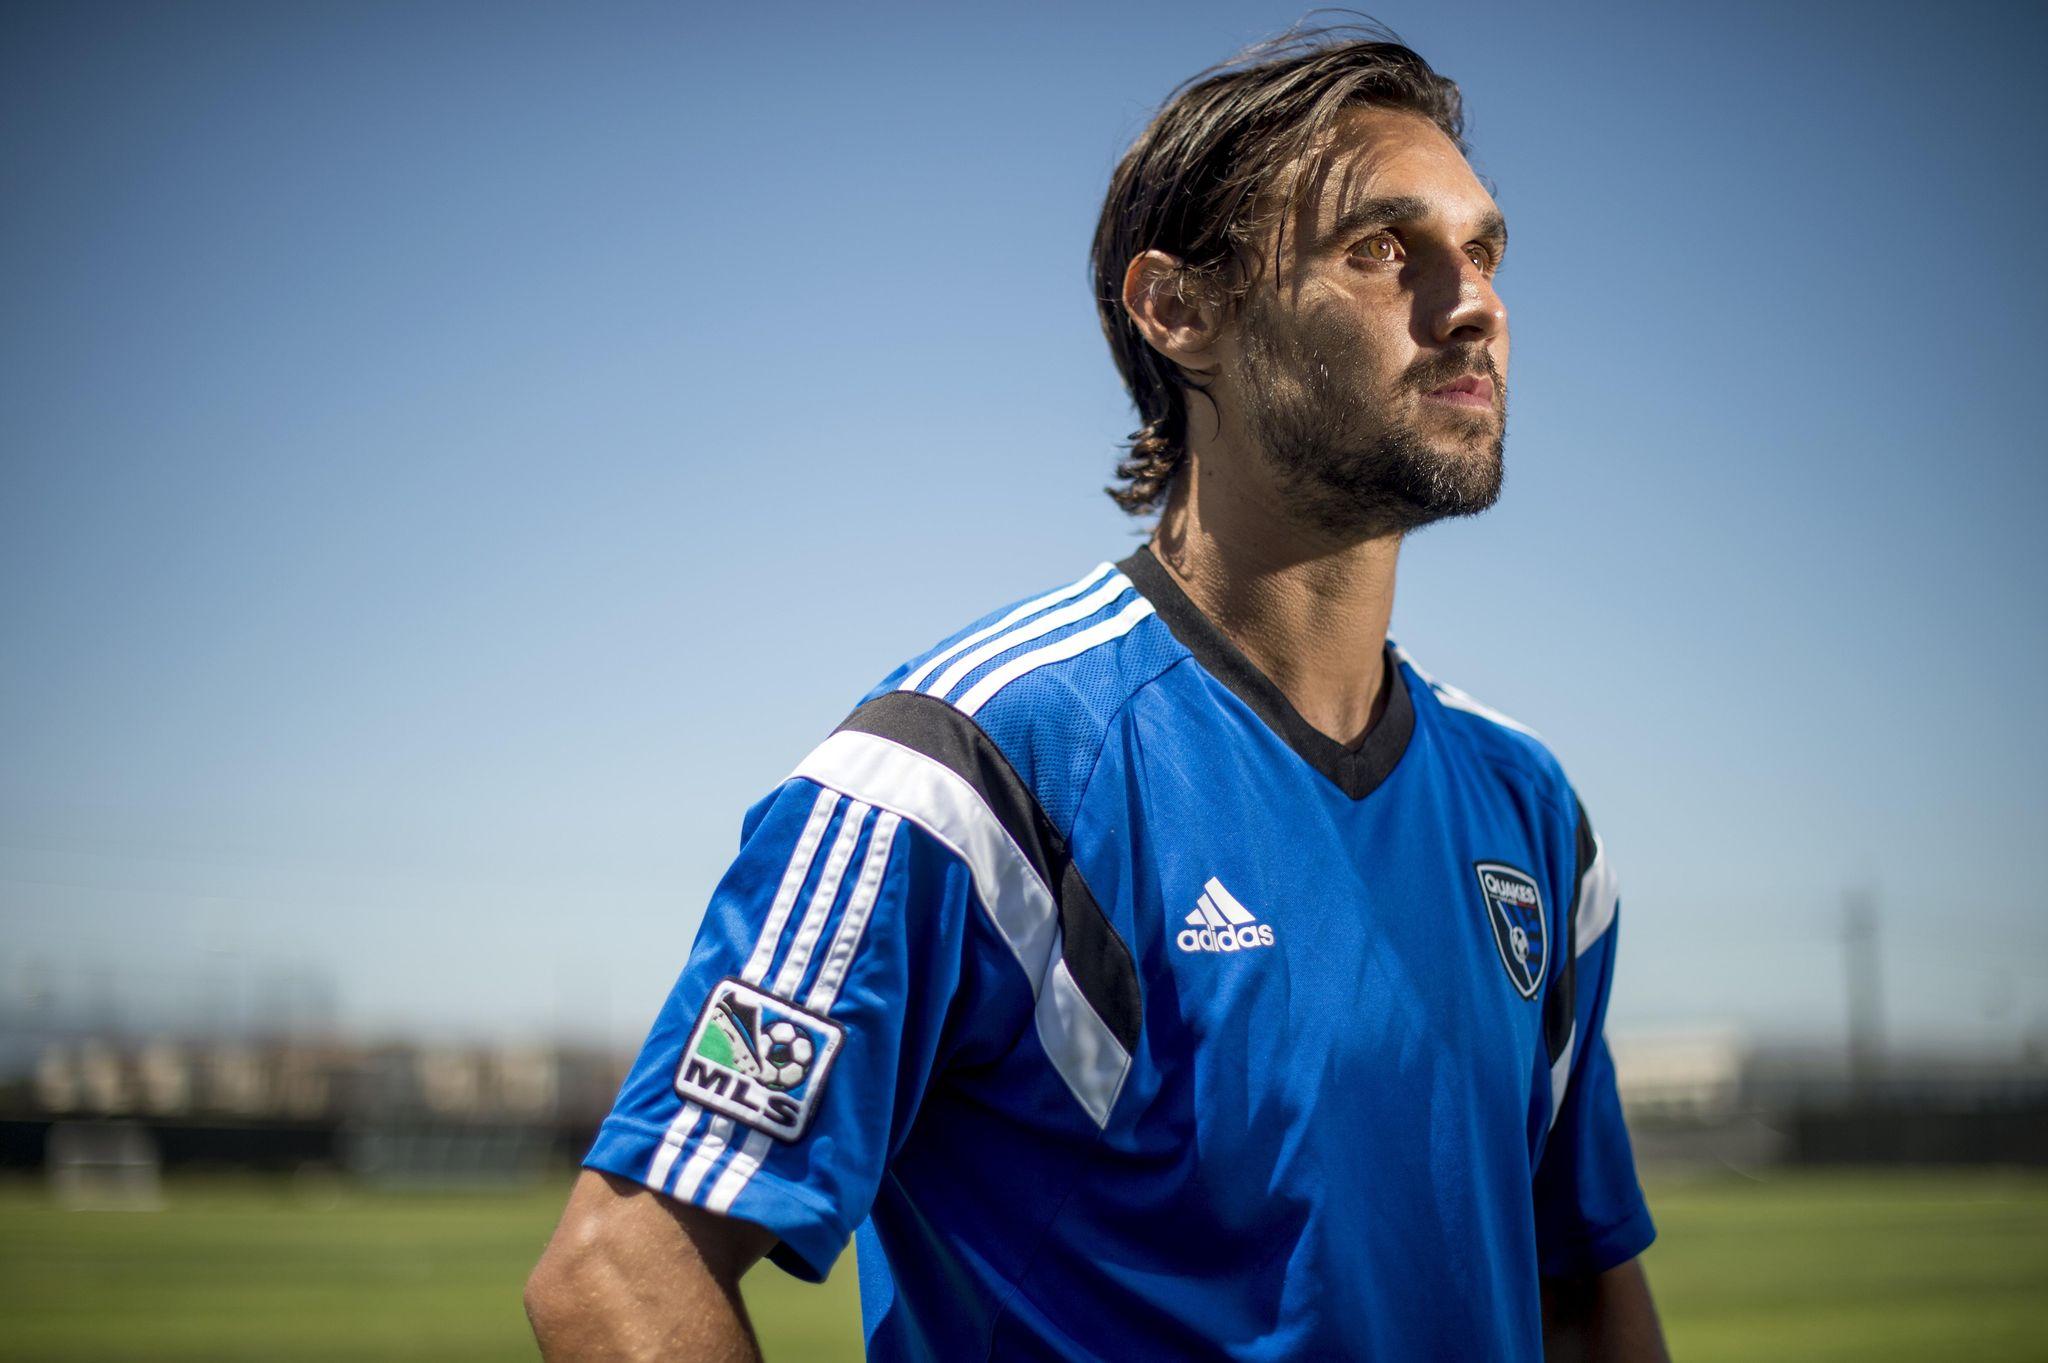 Earthquakes star Chris Wondolowski chases MLS goals record - Washington Times